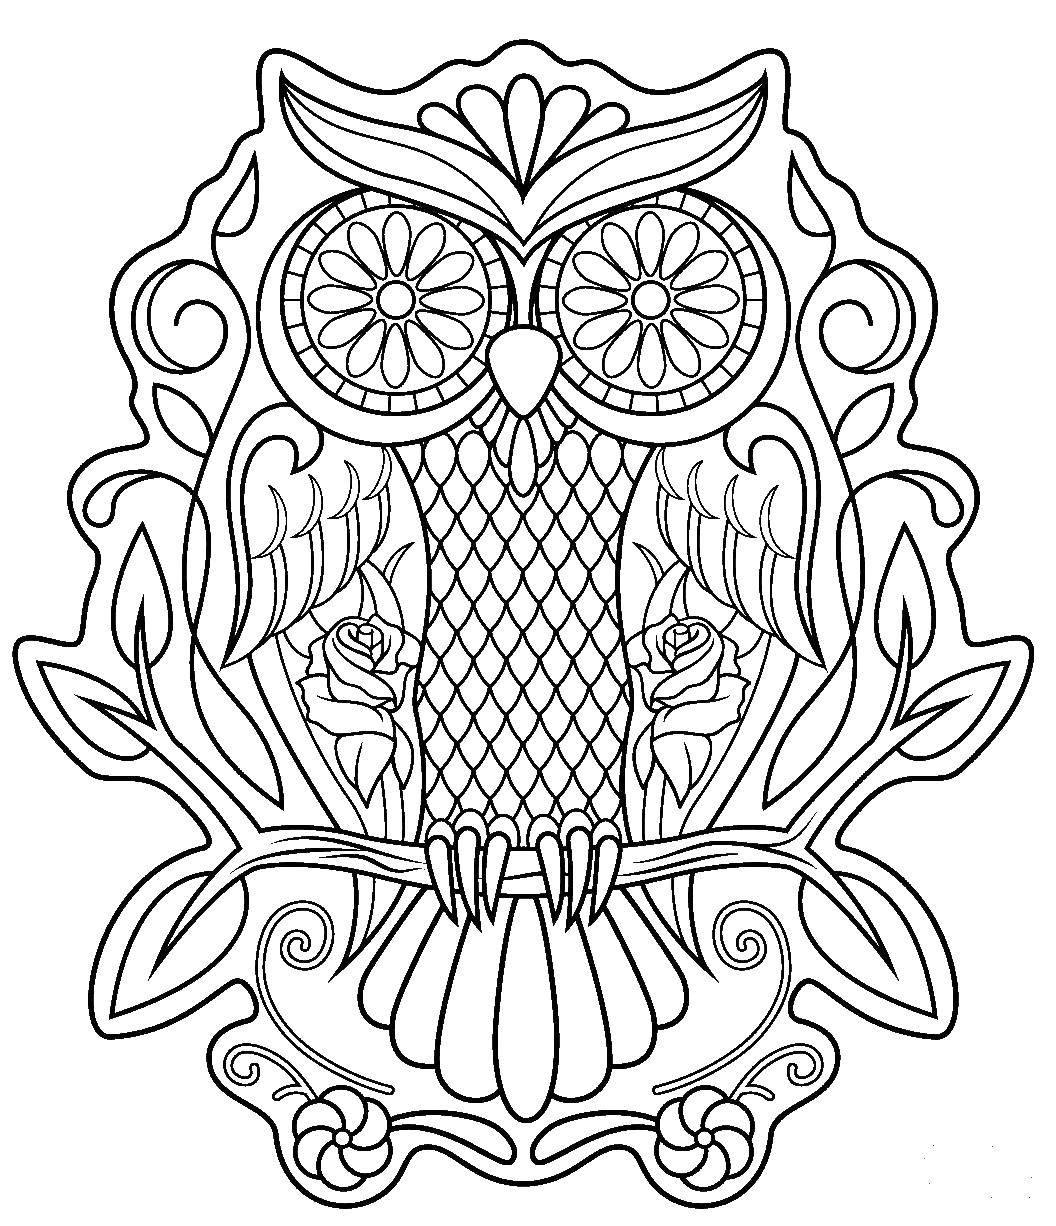 Раскраска Красивая сова Скачать Узоры, животные.  Распечатать ,узоры,